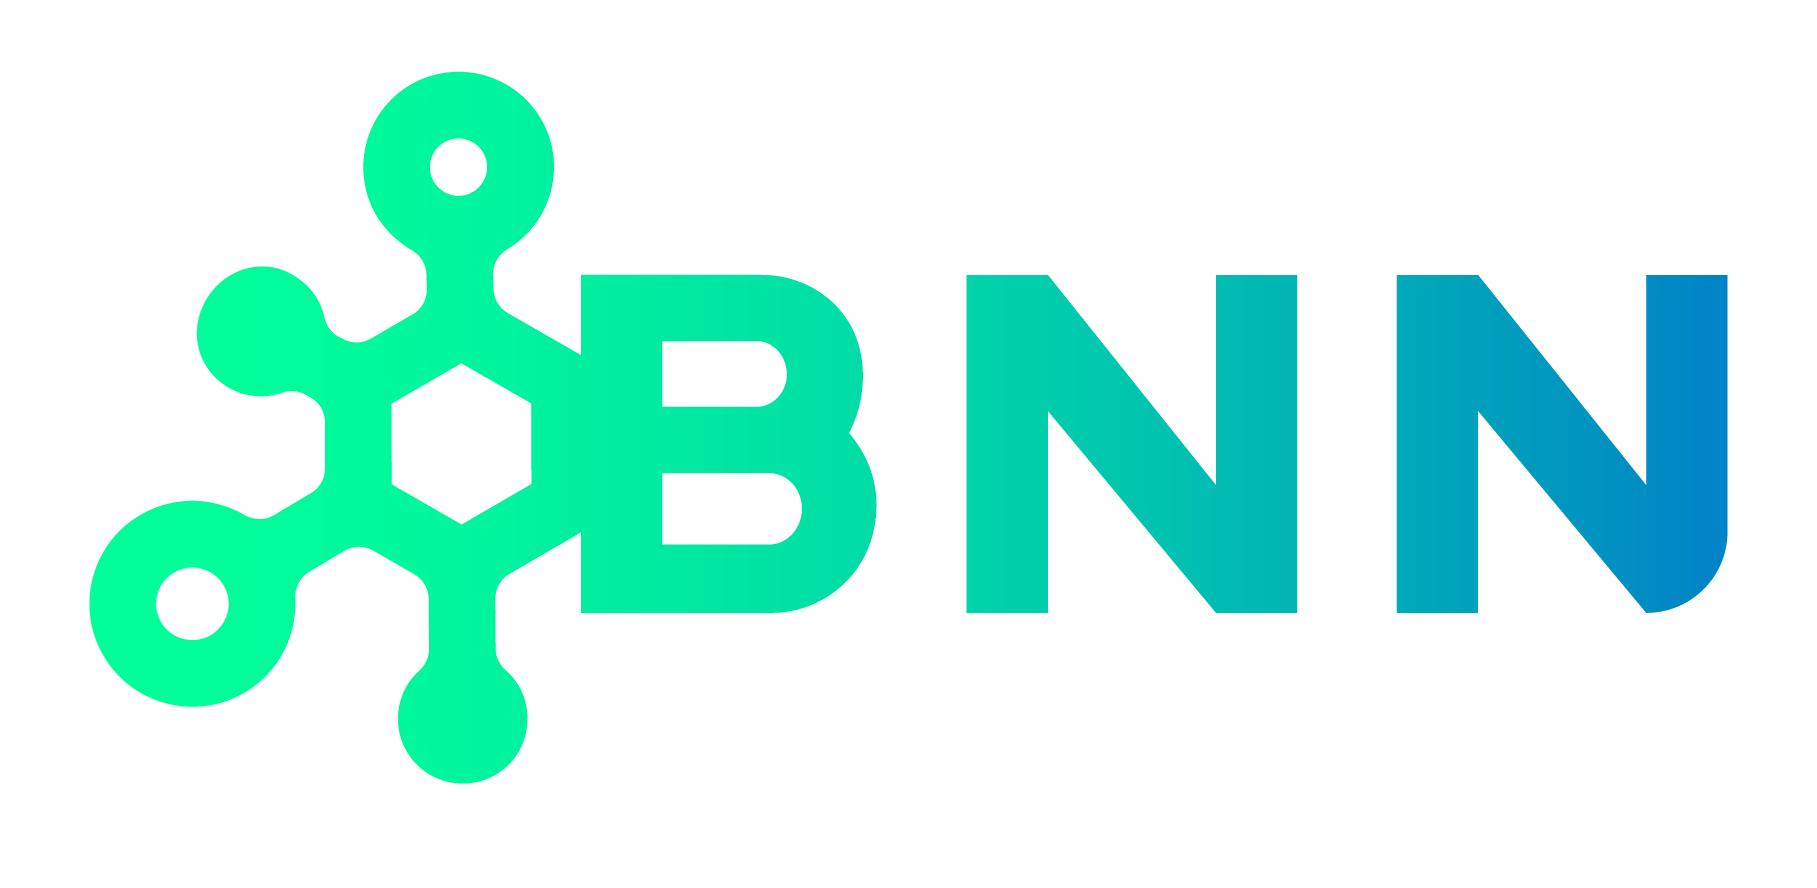 https://www.imagine-ikt.at/wp-content/uploads/BNN_Logo.jpg